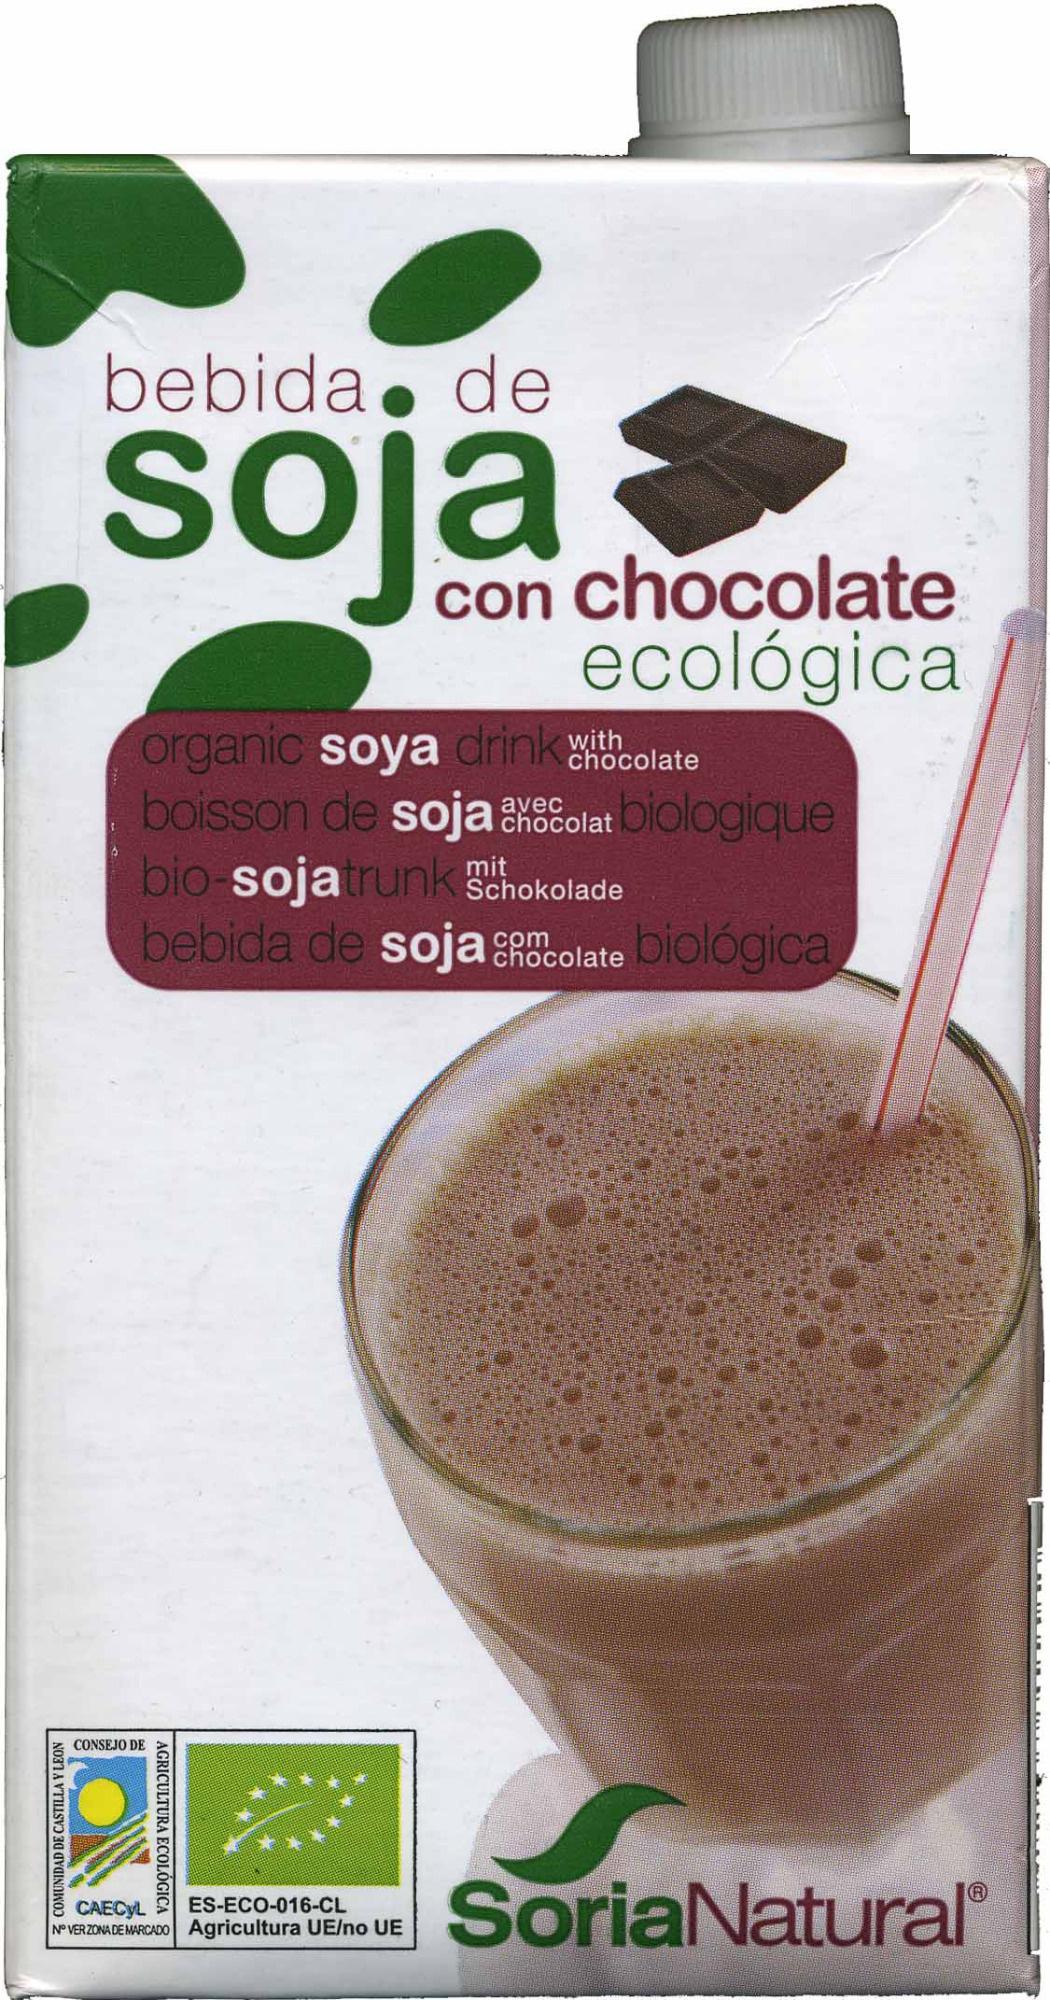 Bebida de soja ecológica con chocolate - Producto - es